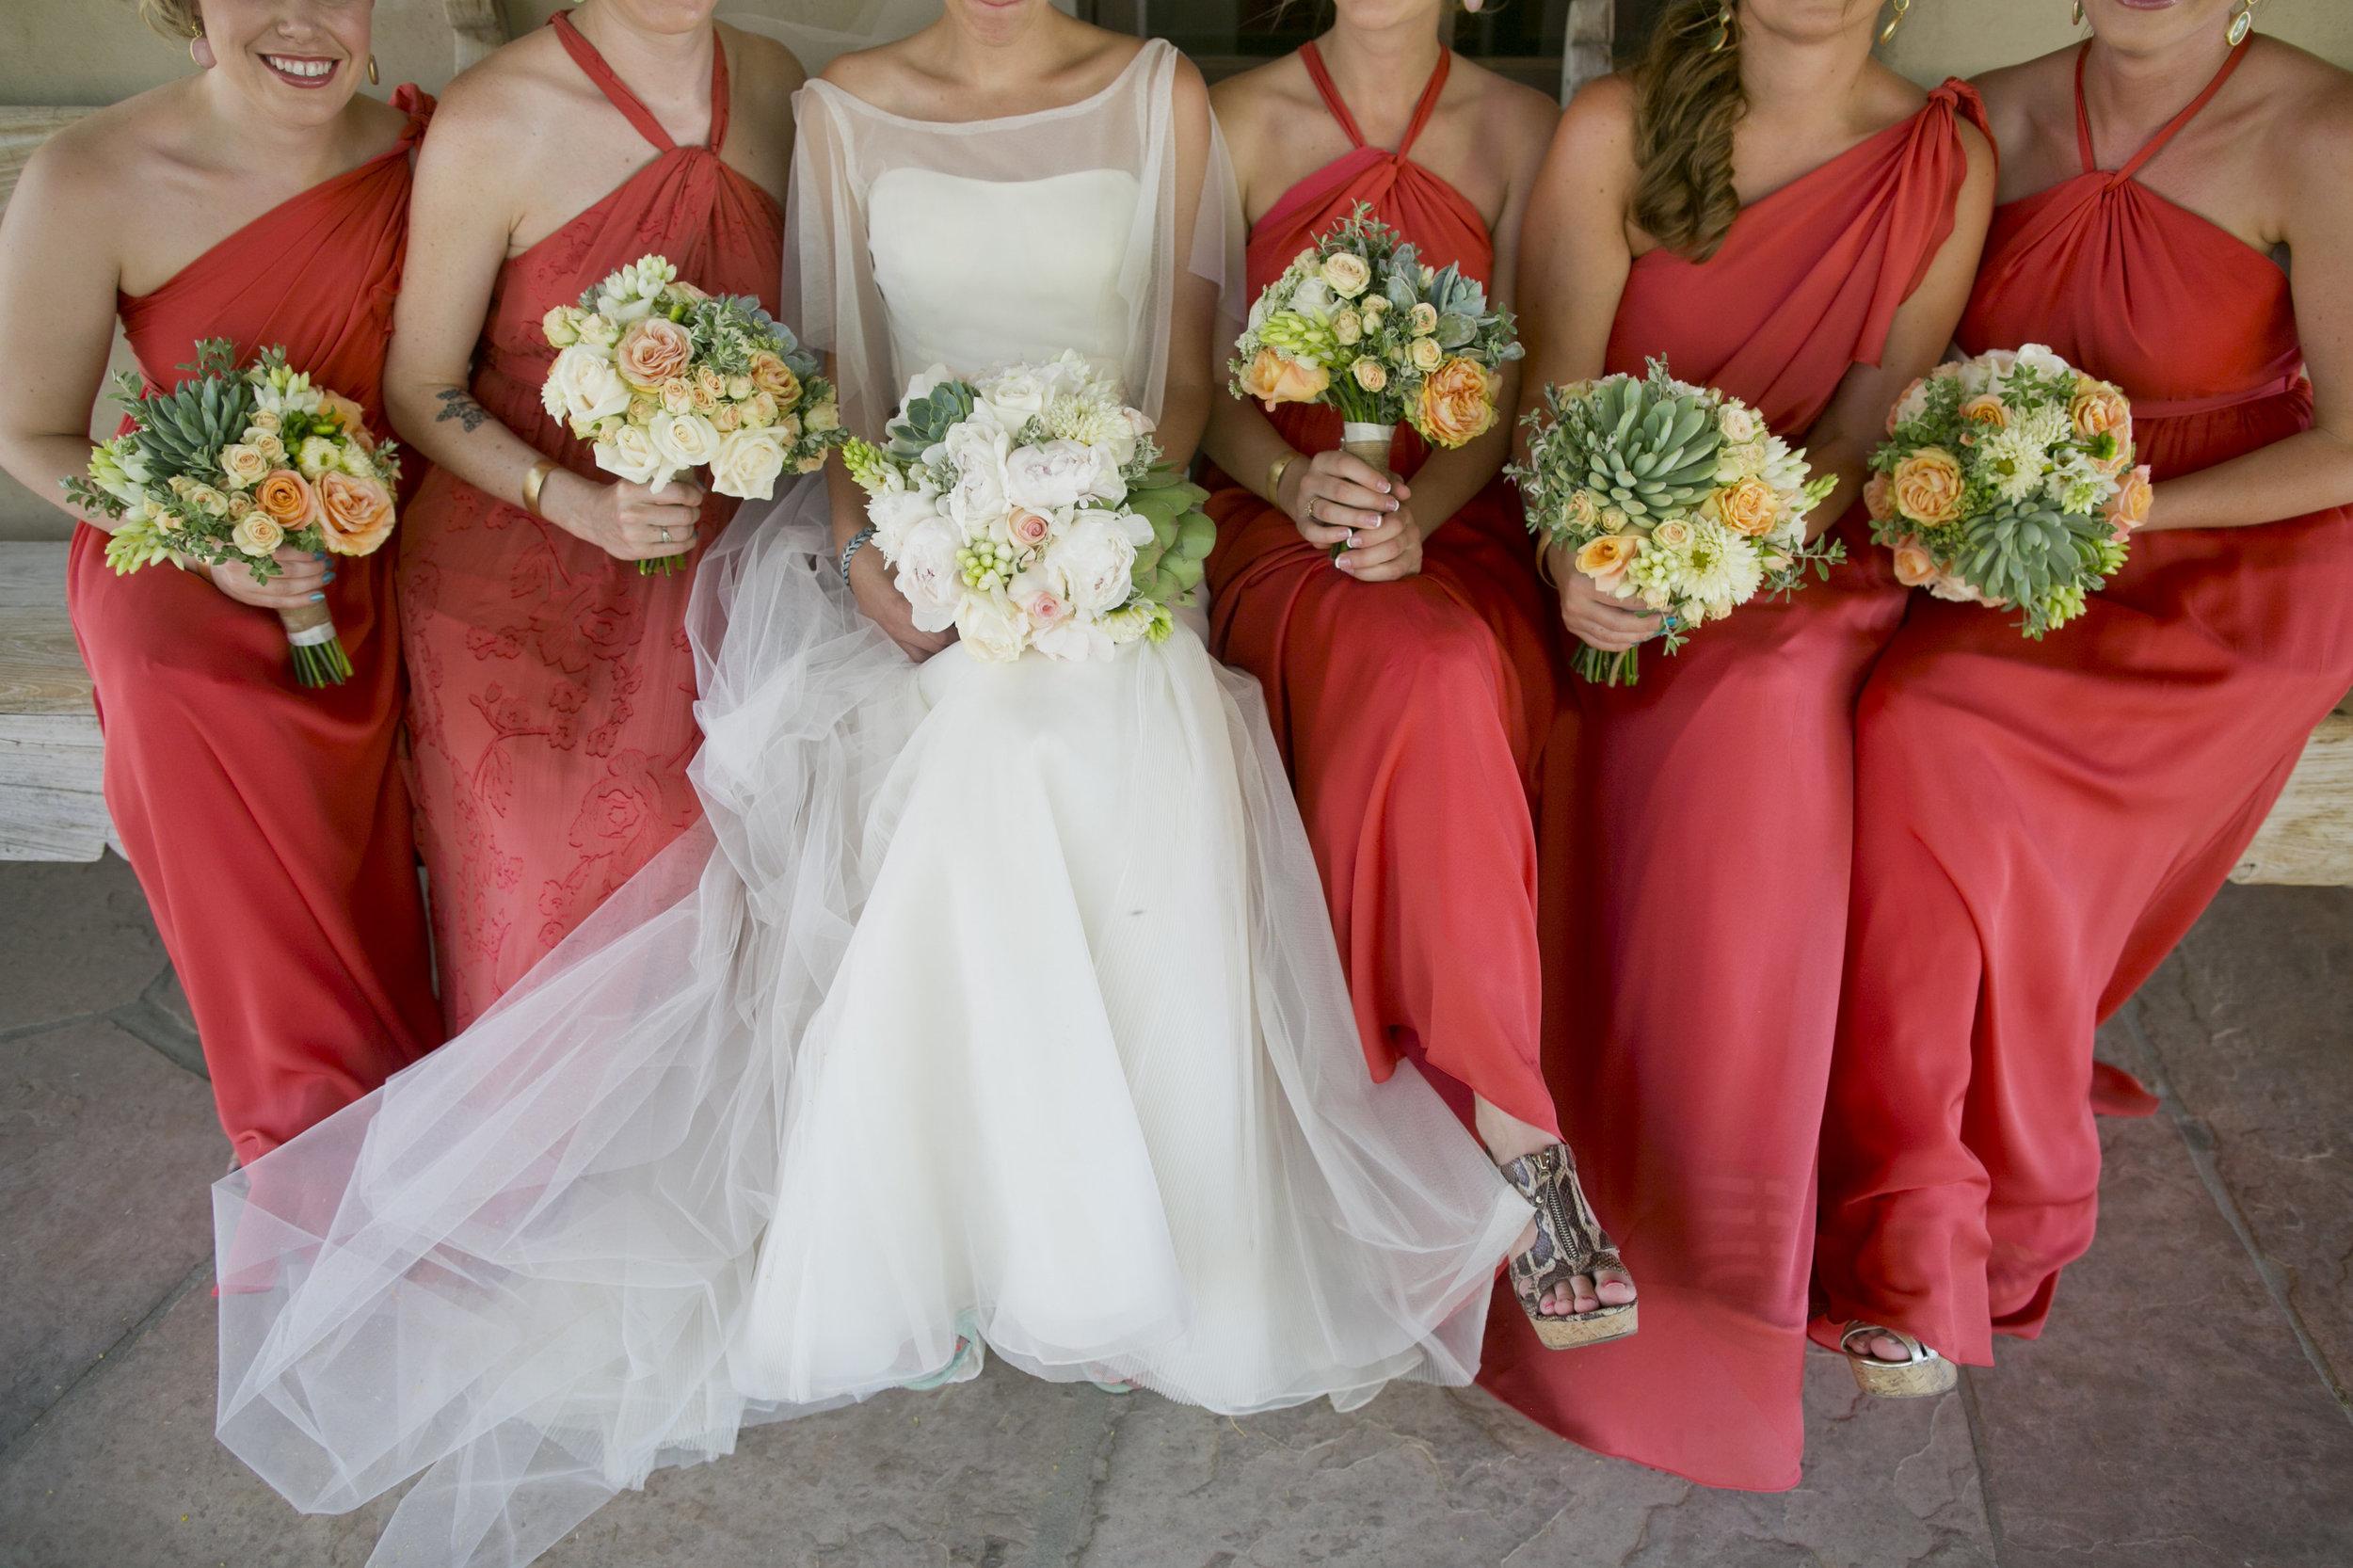 Ceci_New_York_Ceci_Style_Ceci_Johnson_Luxury_Lifestyle_Arizona_Wedding_Watercolor_Inspiration_Design_Custom_Couture_Personalized_Invitations_70.jpg